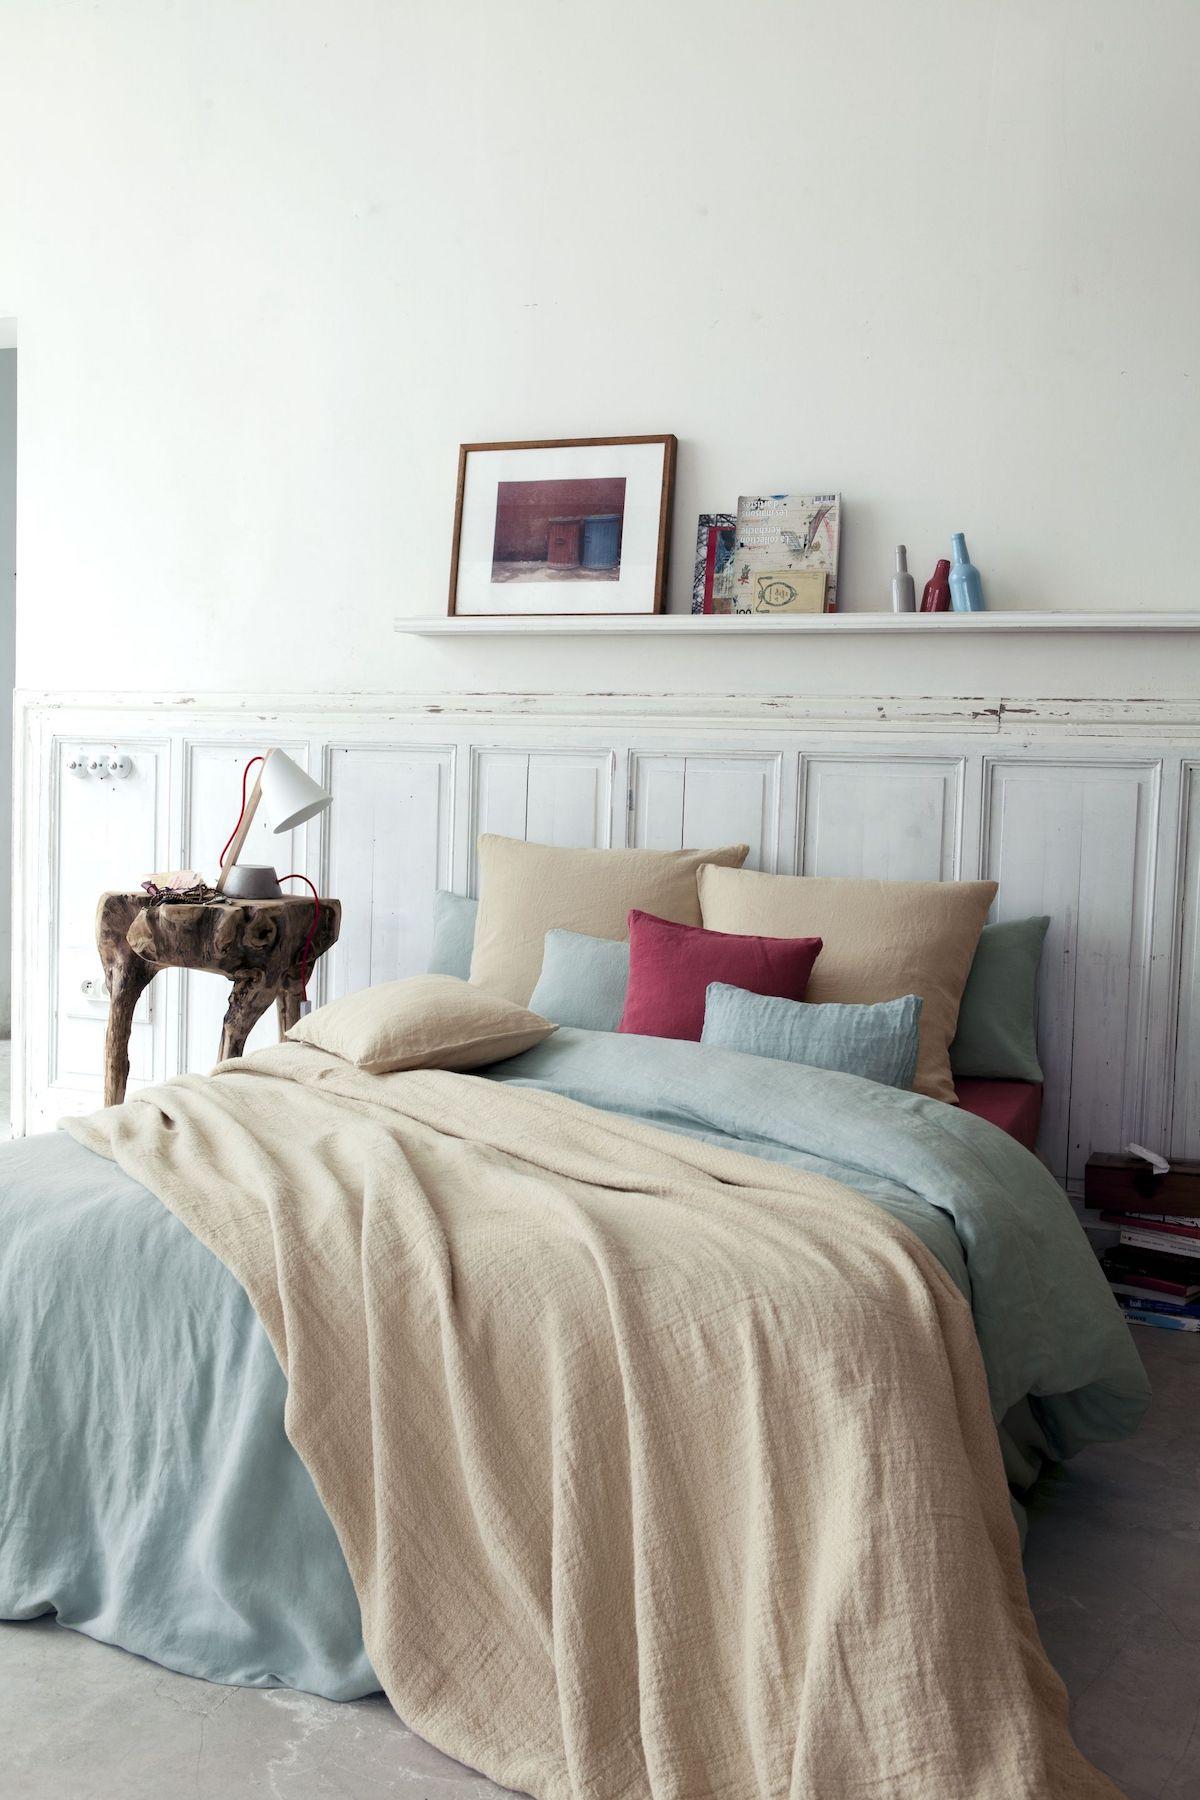 chambre lit double linge de lit chanvre beige bleu pastel rouge moulures mur blanc déco rustique élégante